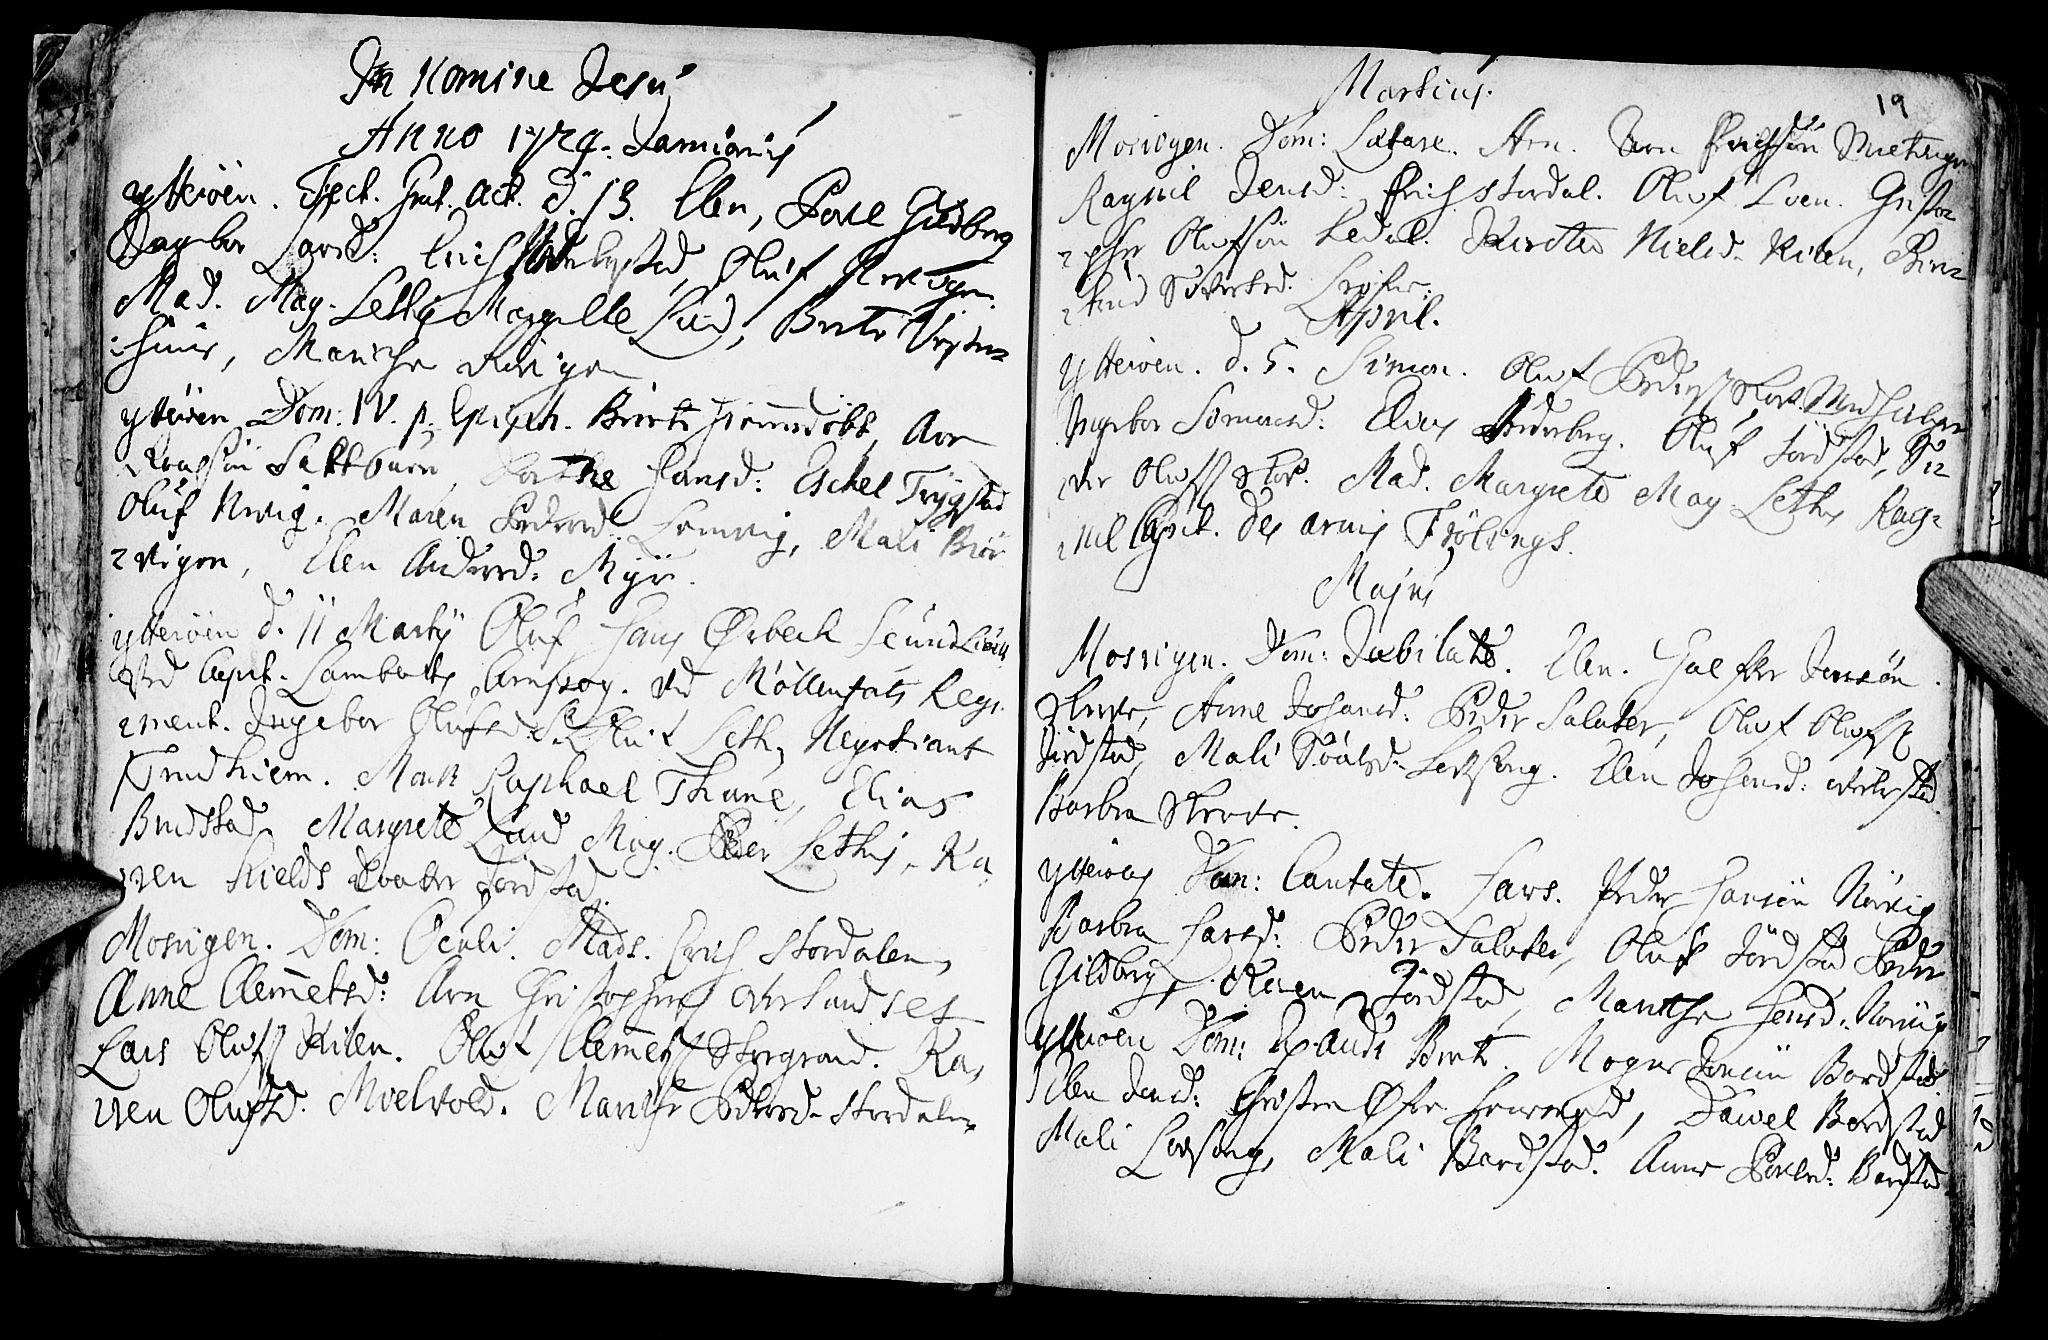 SAT, Ministerialprotokoller, klokkerbøker og fødselsregistre - Nord-Trøndelag, 722/L0215: Ministerialbok nr. 722A02, 1718-1755, s. 19